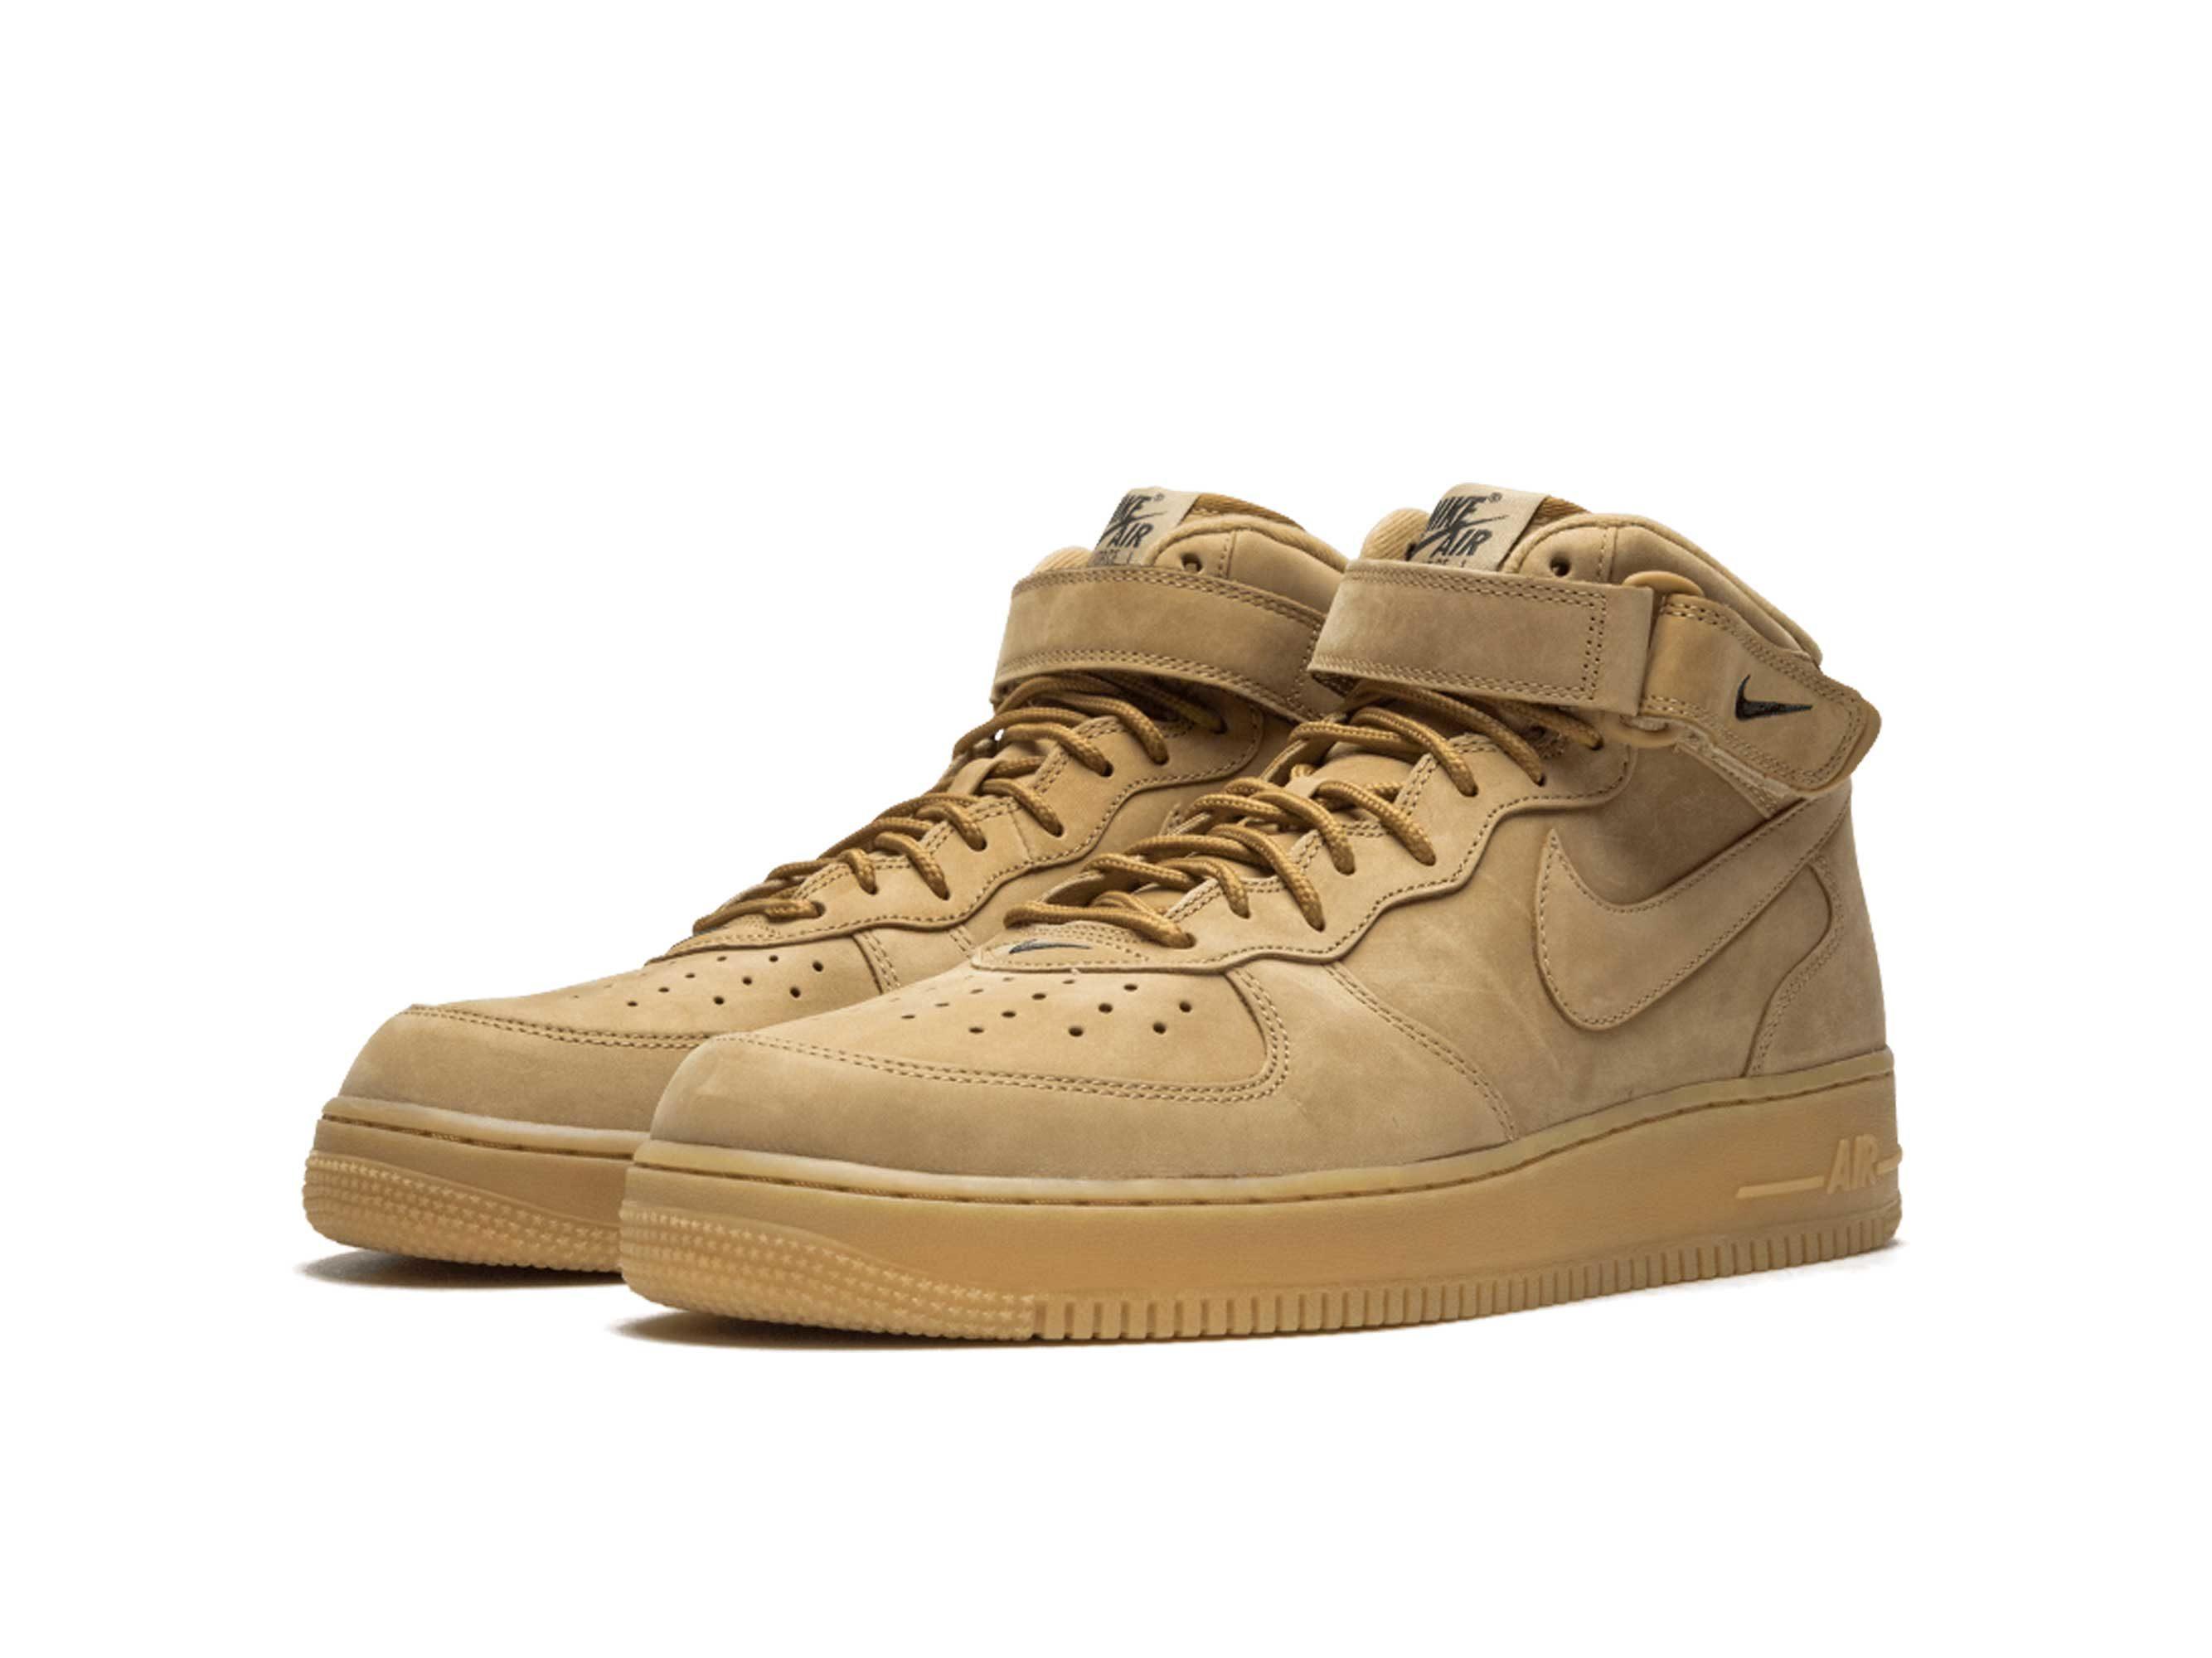 nike air force 1 mid flax 715889_200 купить